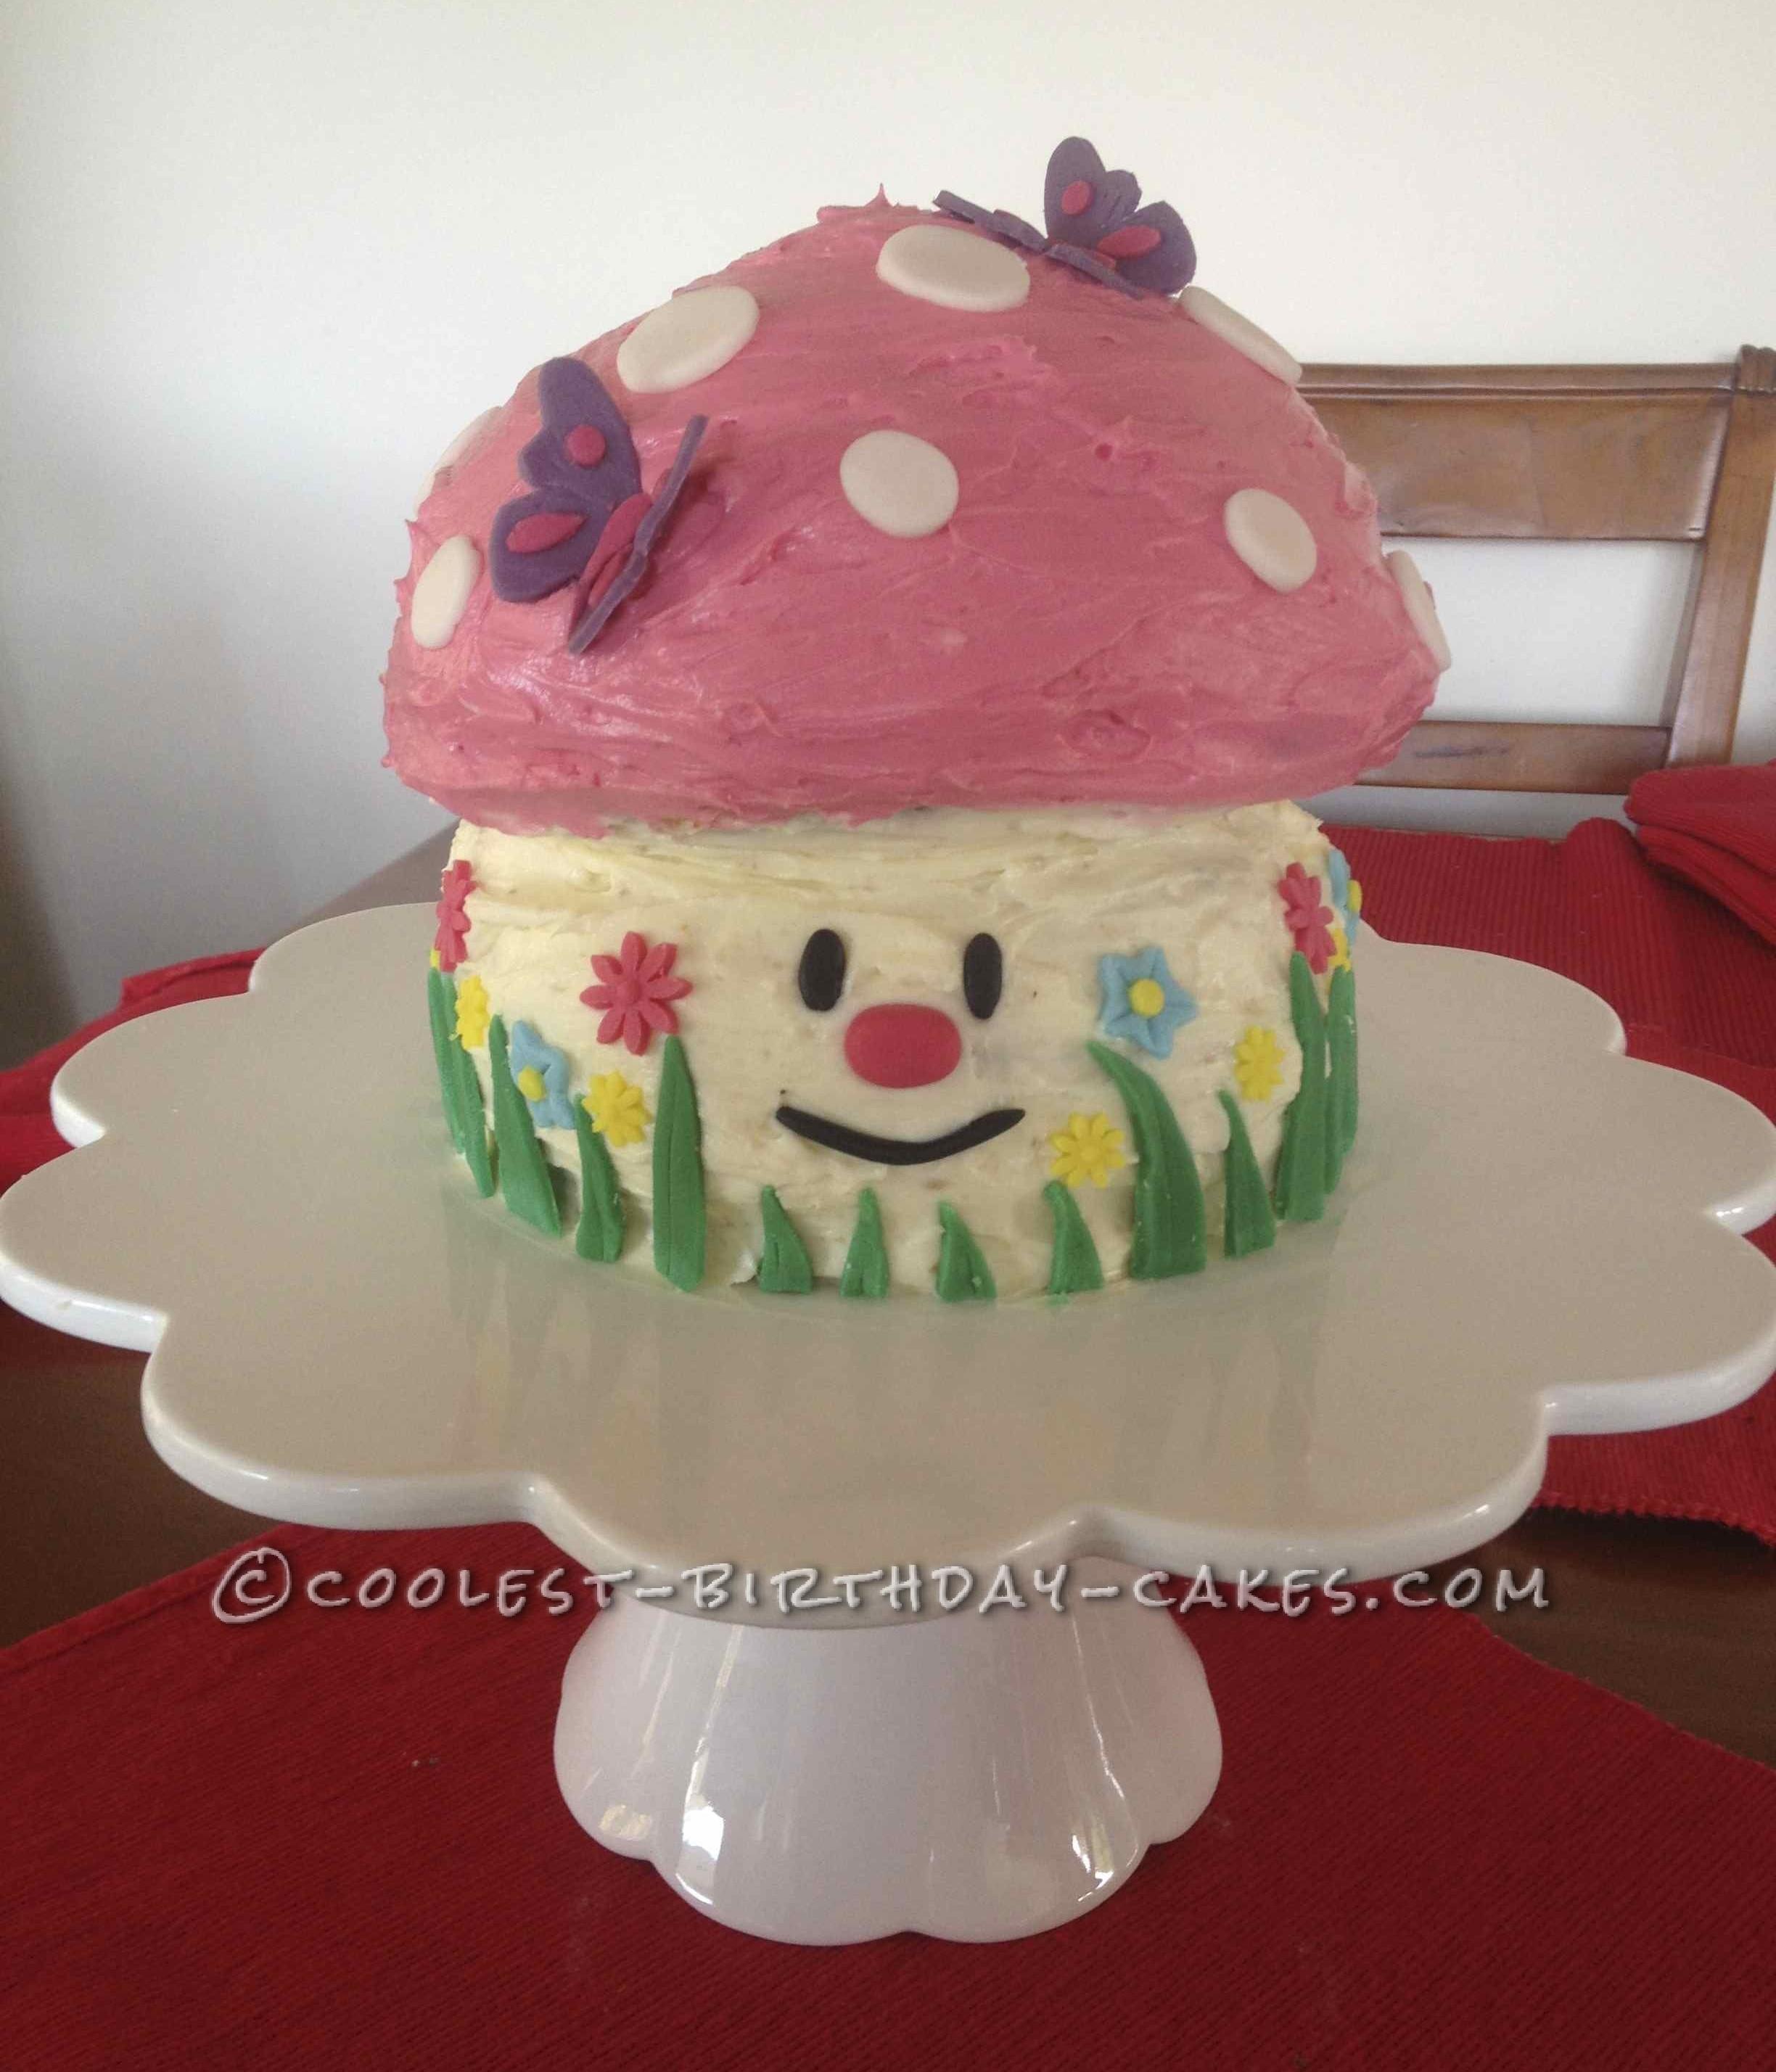 Coolest Mushroom Birthday Cake